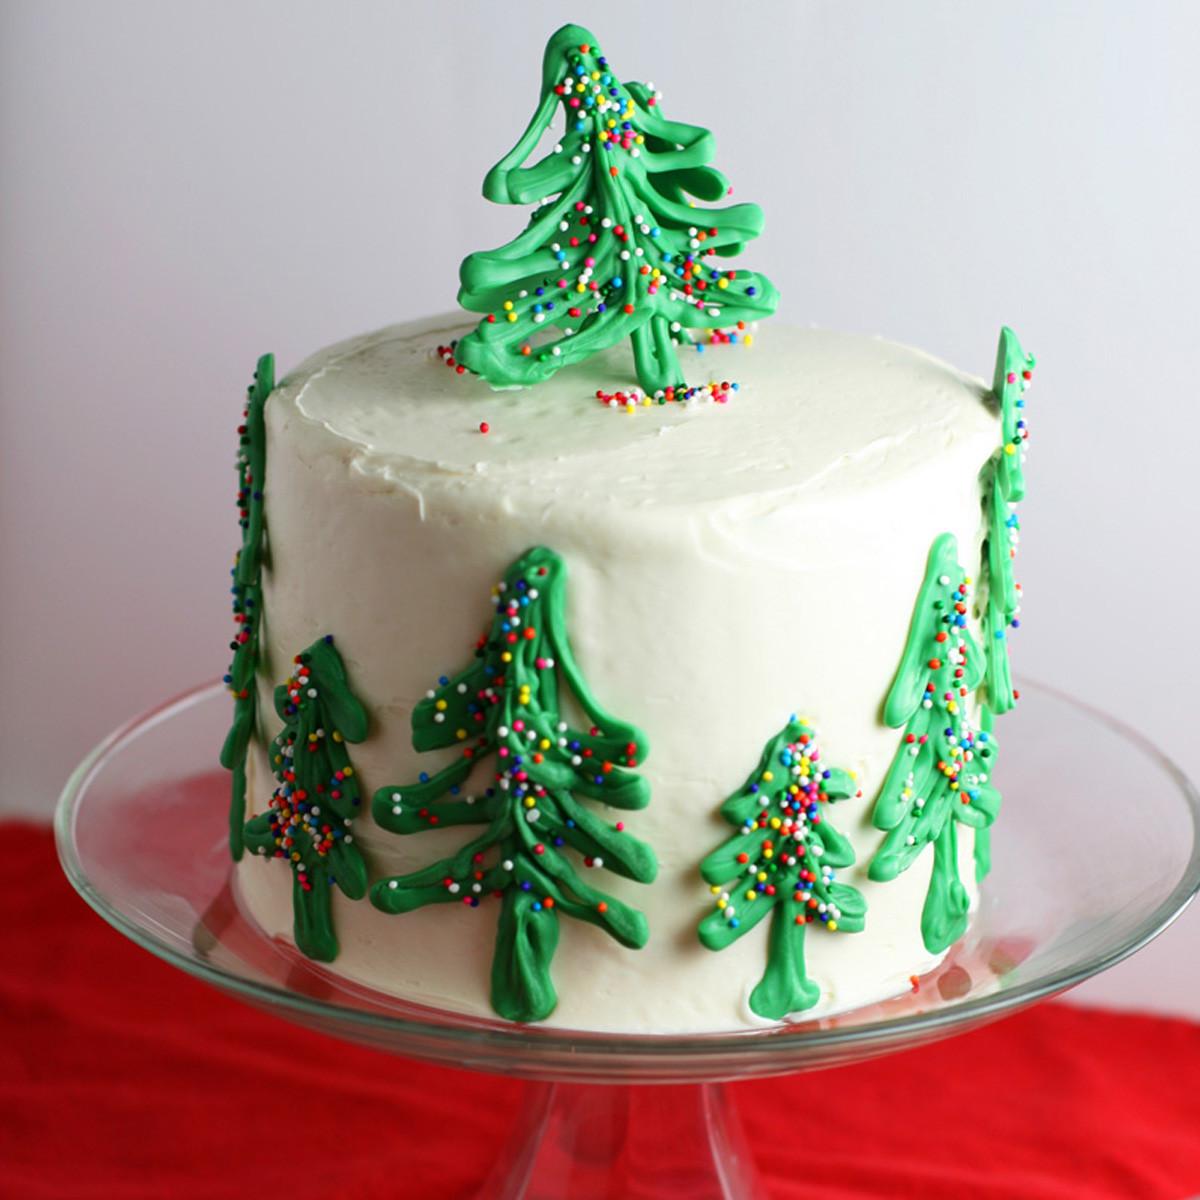 Christmas Tree Cakes  Chocolate Christmas Tree Cake Mom Loves Baking